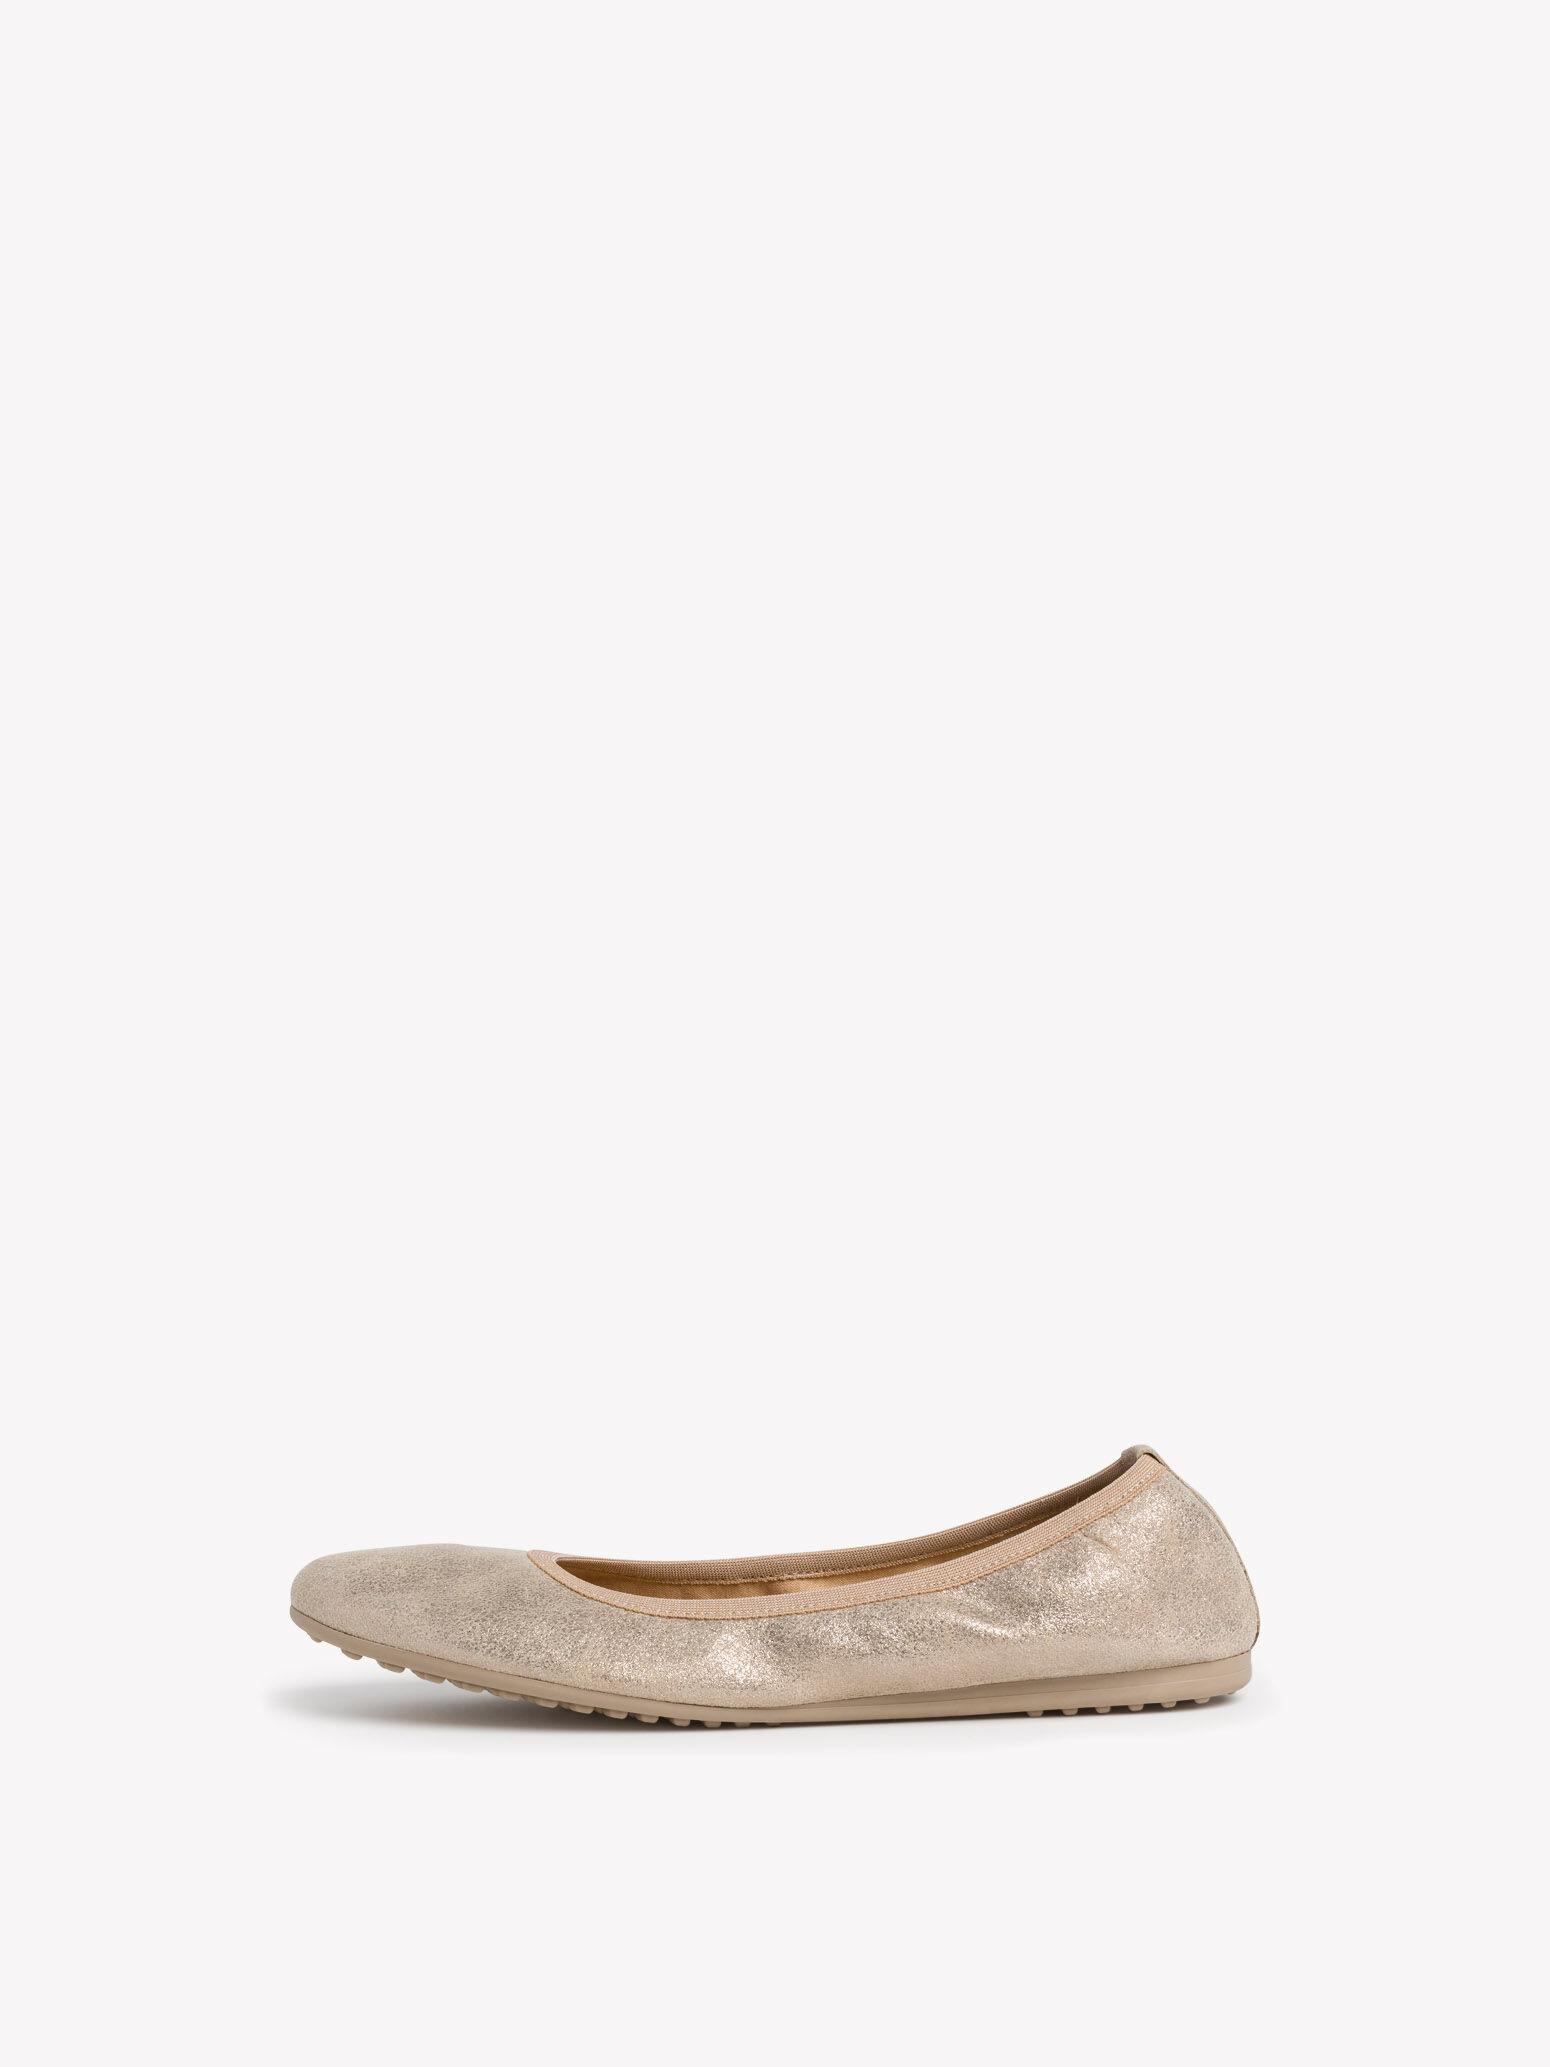 Tamaris Ballerinas jetzt online kaufen!